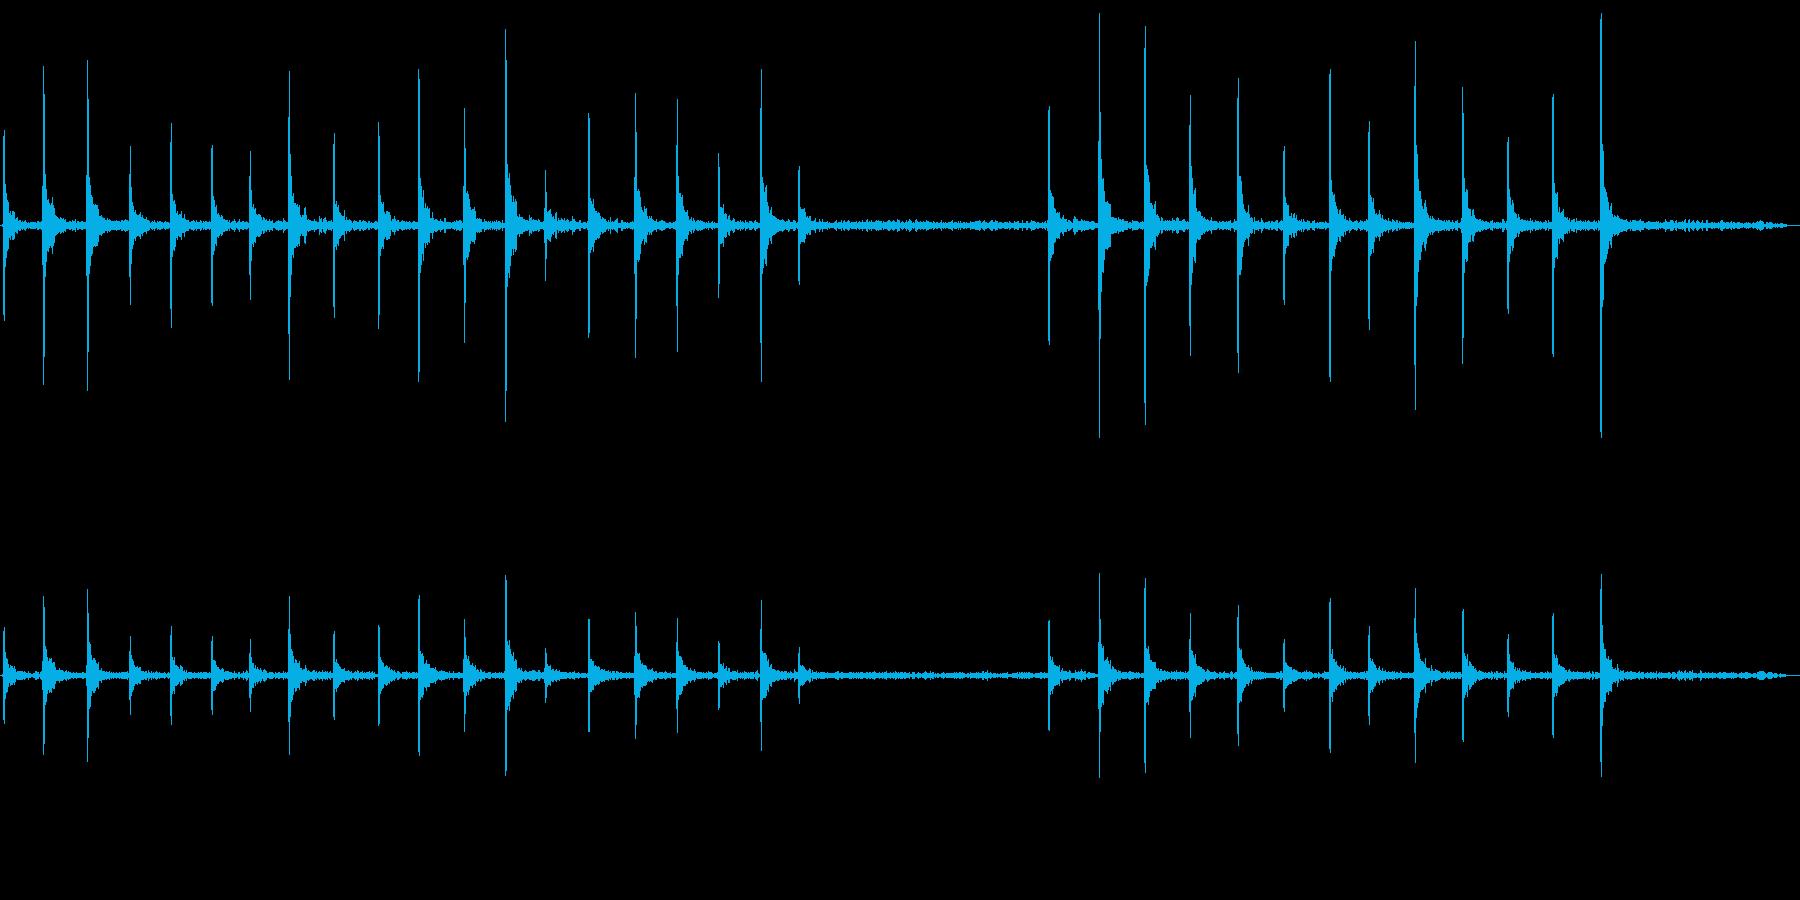 カツカツカツカツ(連続する乾いた音)の再生済みの波形